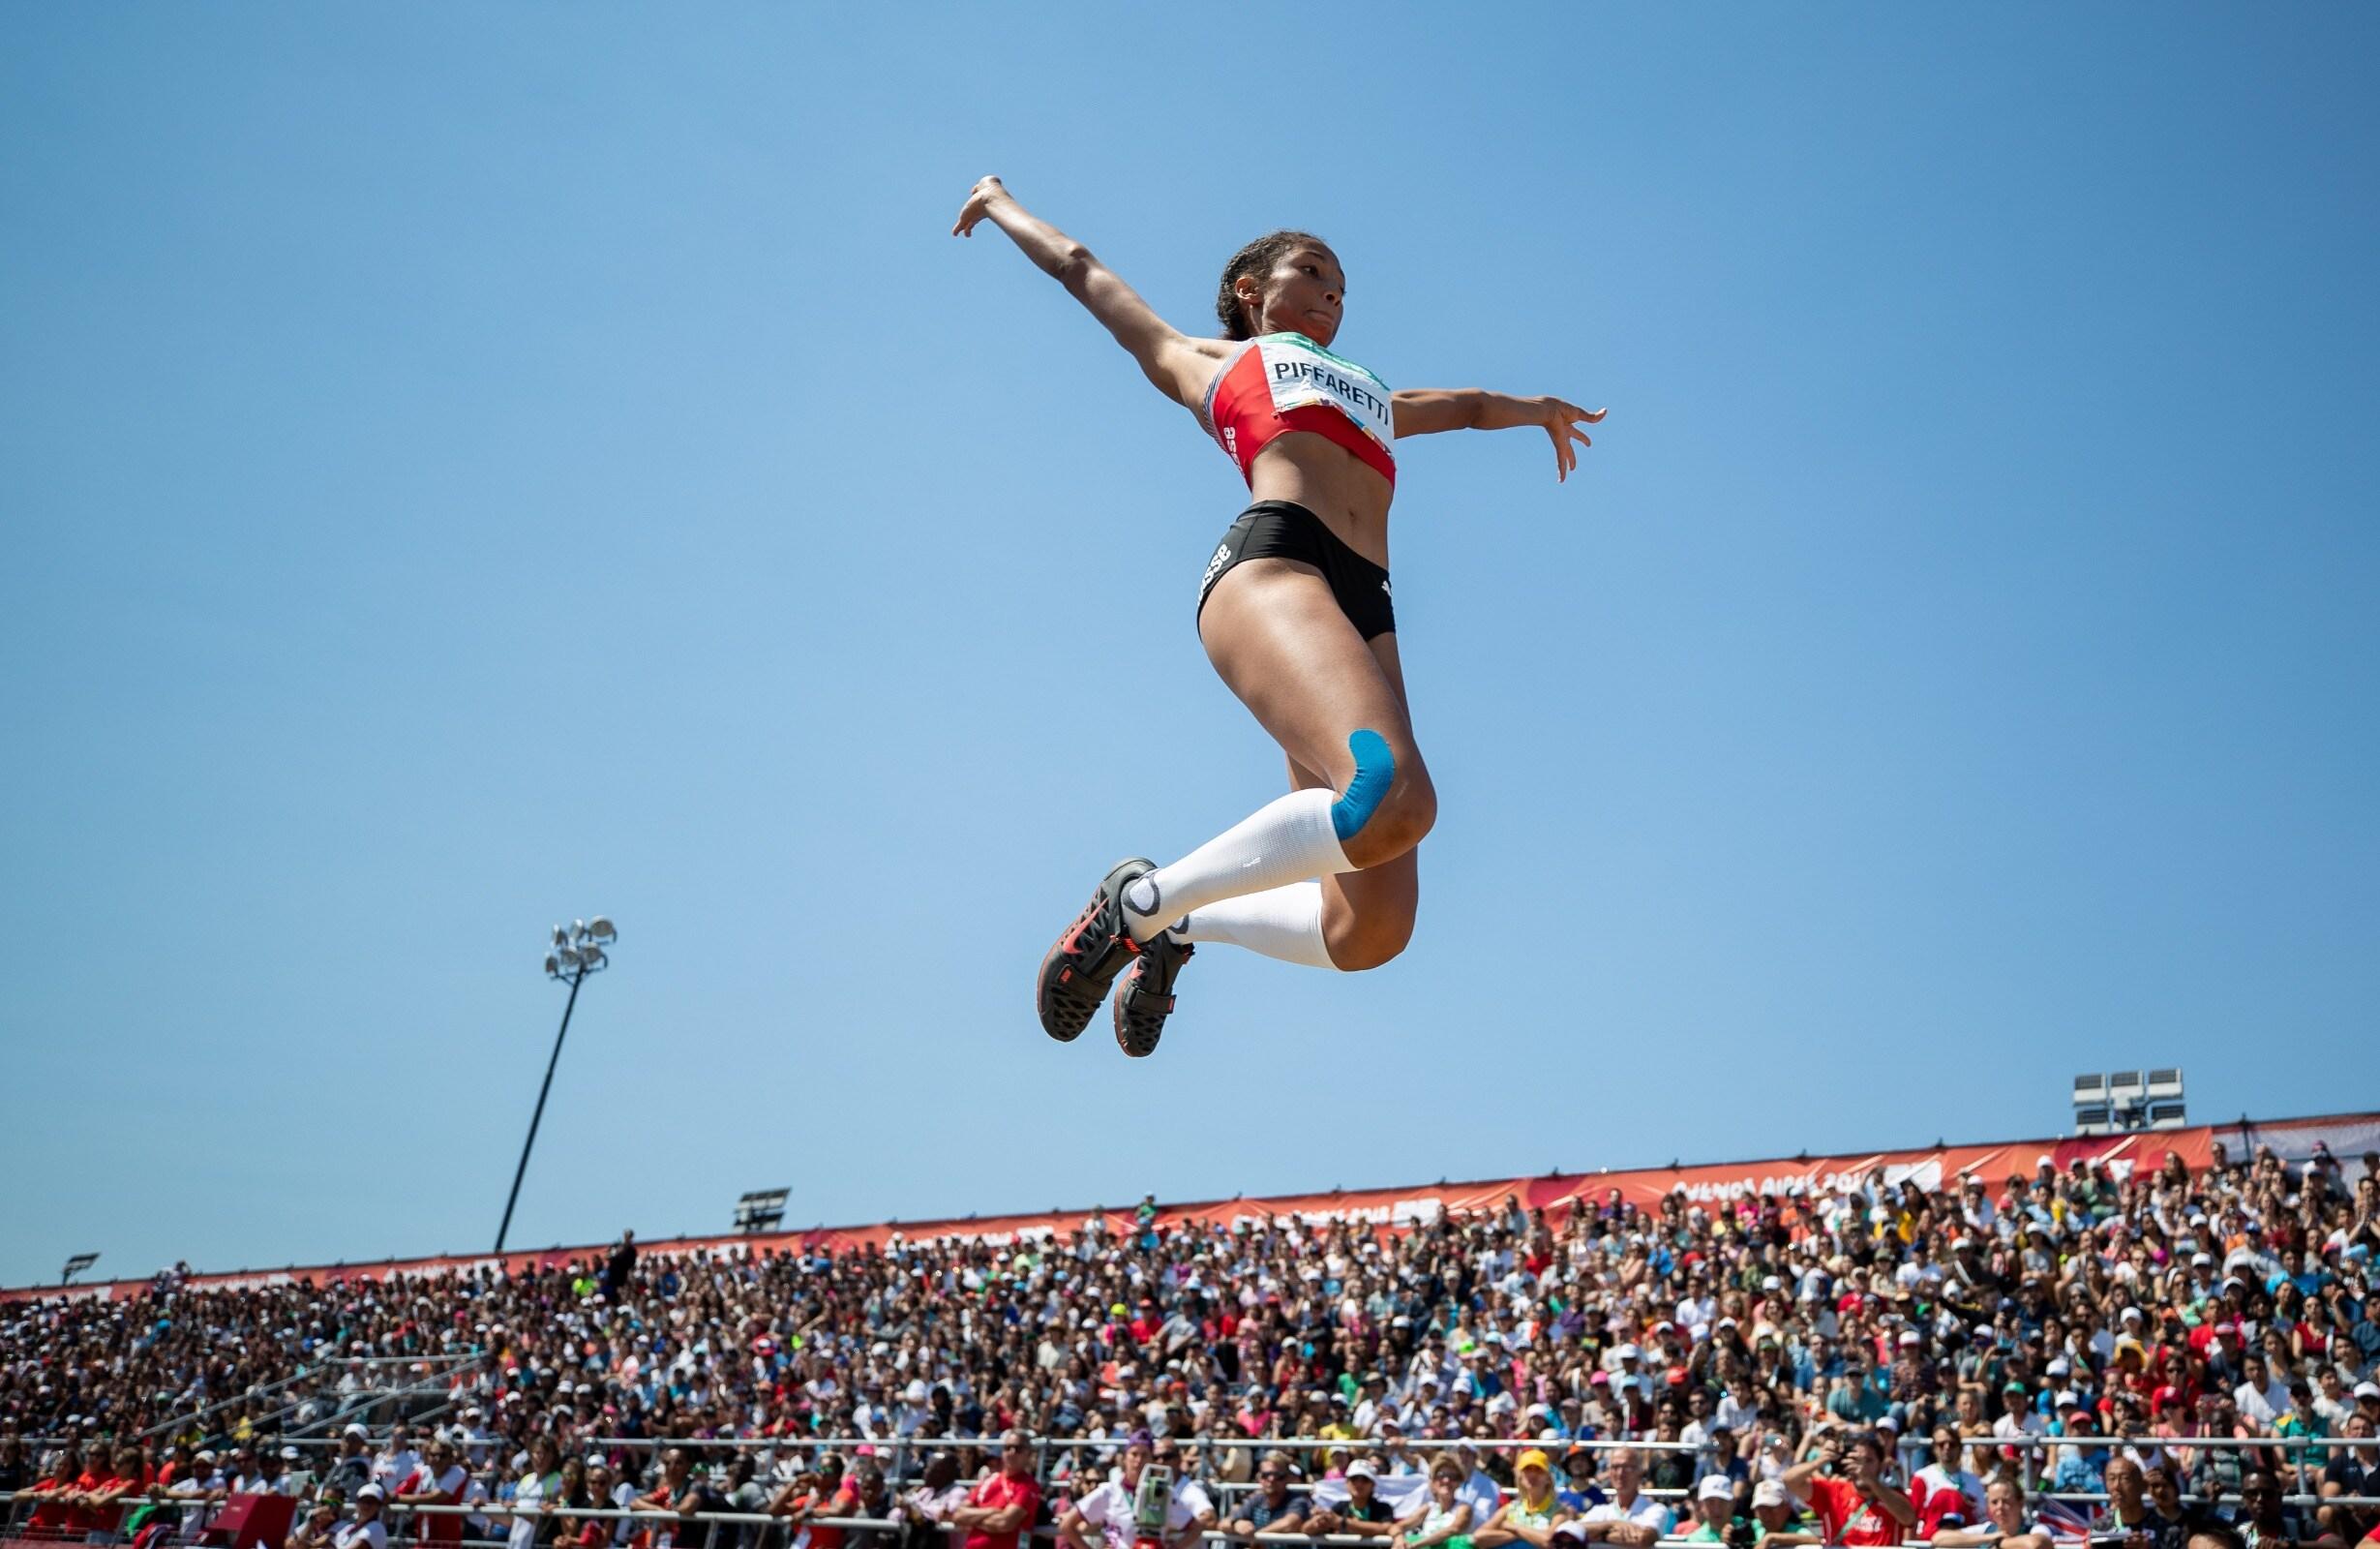 Buenos Aires 2018 - Athlétisme - Saut en longueur femmes